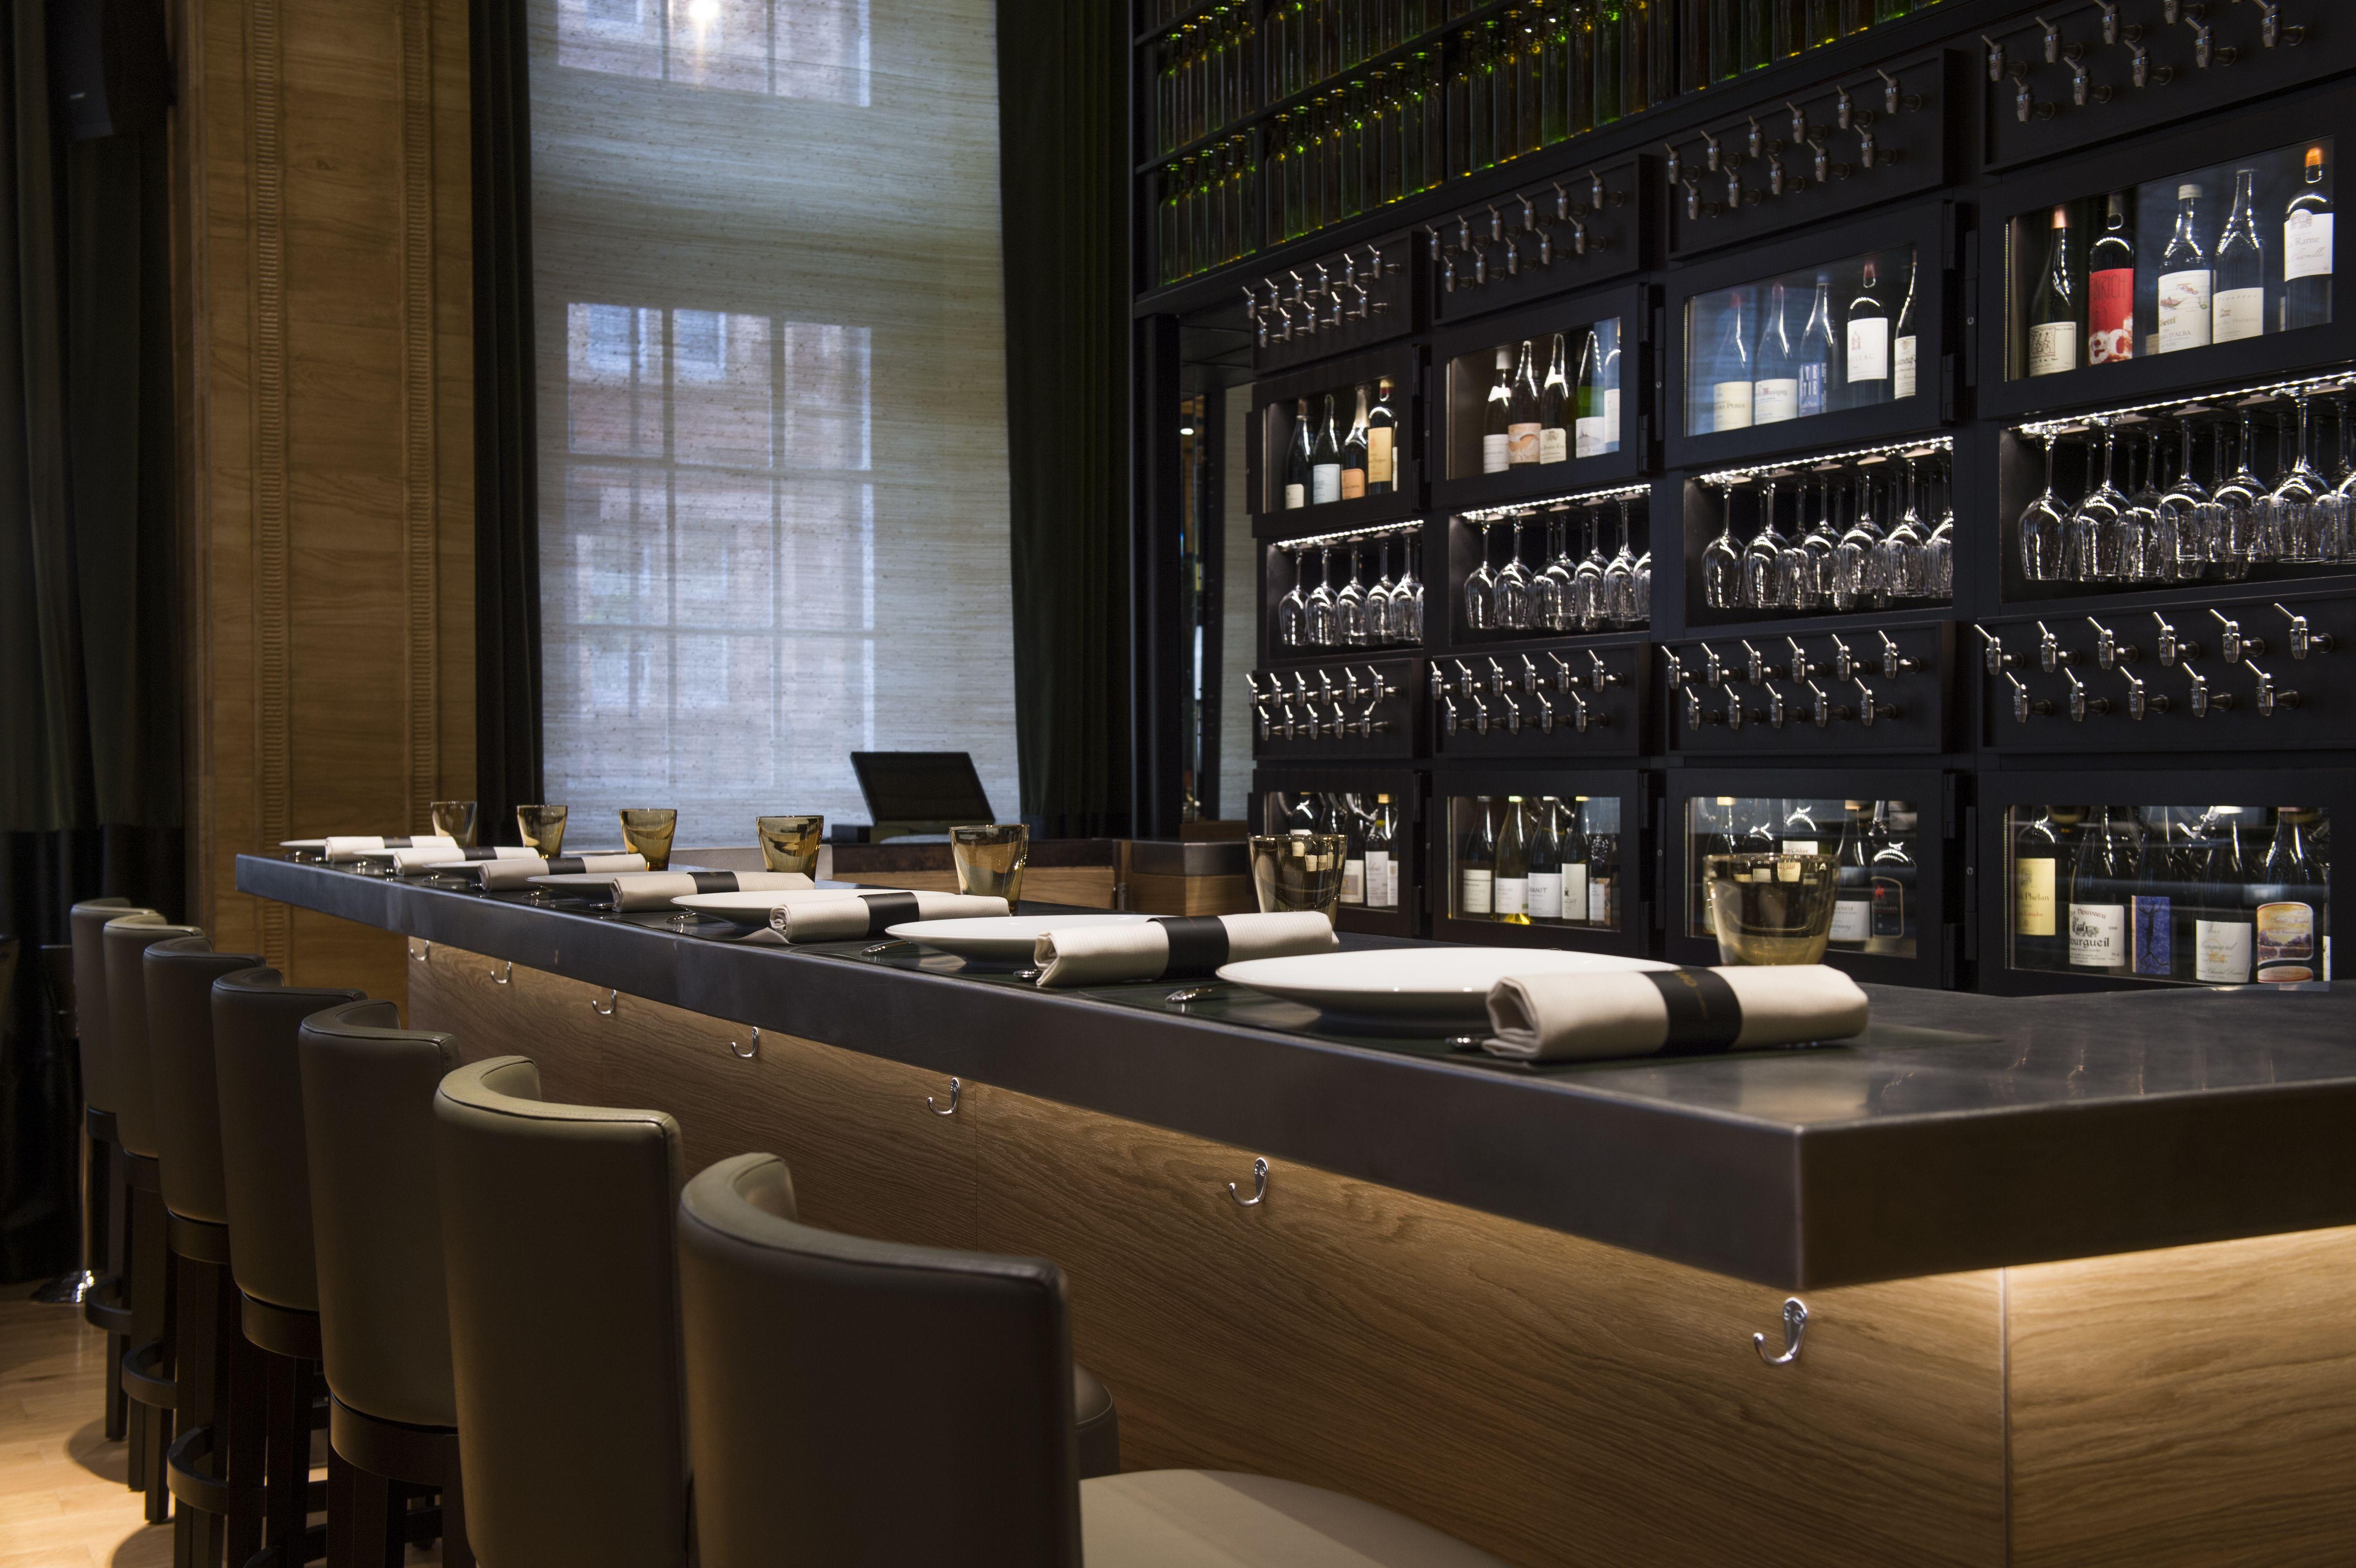 cave vin design sur mesure et distributeur de vin au verre provintech les 110 de taillevent. Black Bedroom Furniture Sets. Home Design Ideas